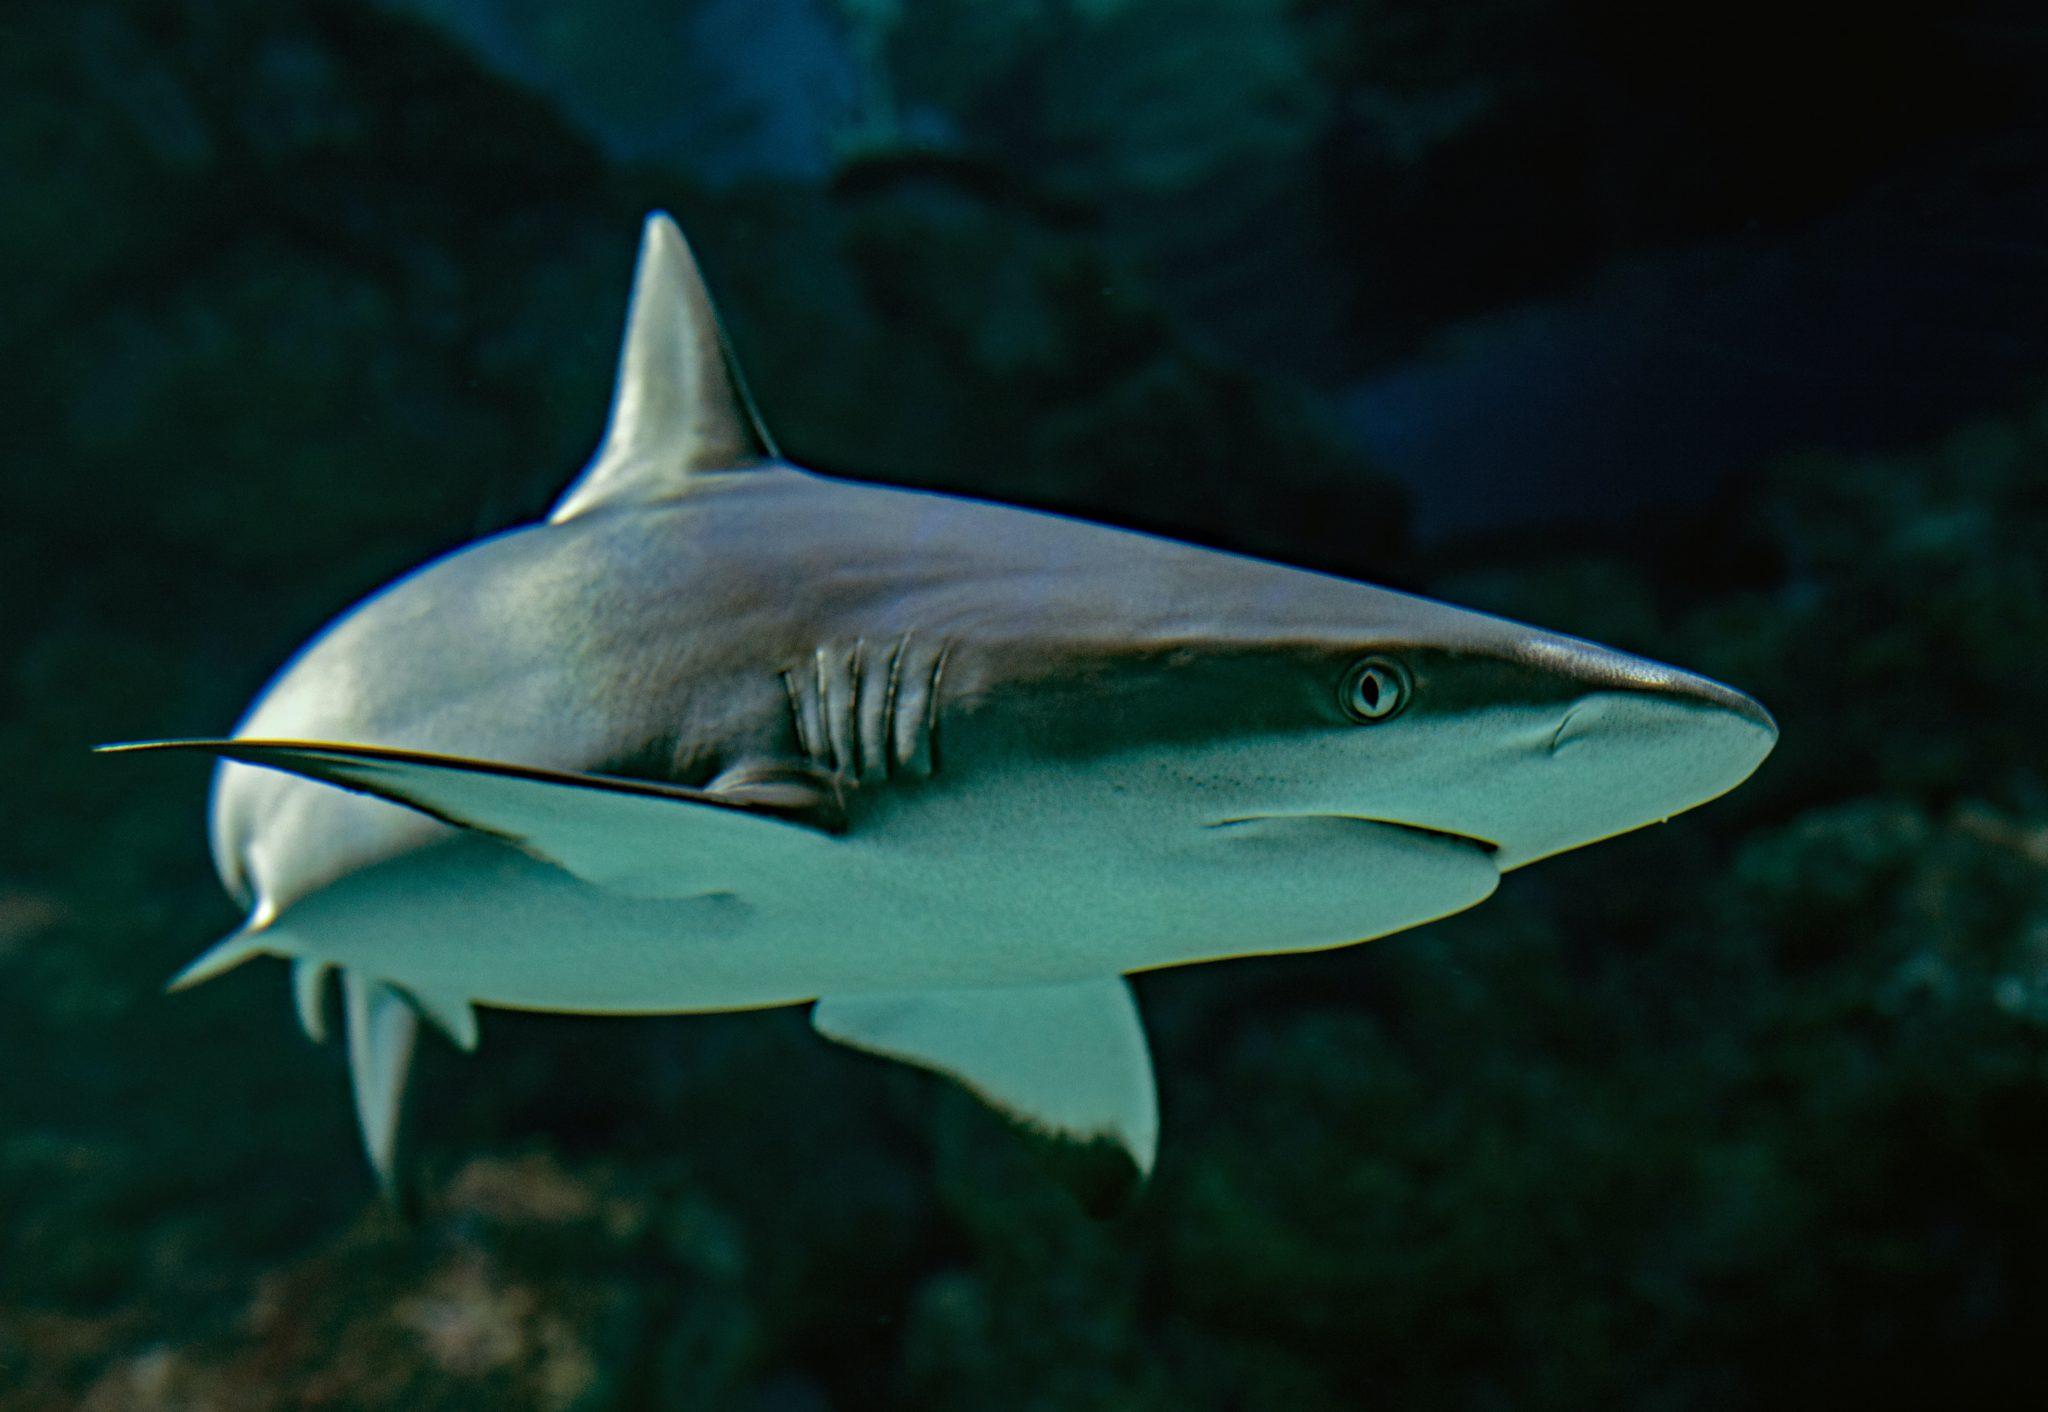 In dunklem Wasser kommt von der Seite ein grauer Hai ins Bild geschwommen.